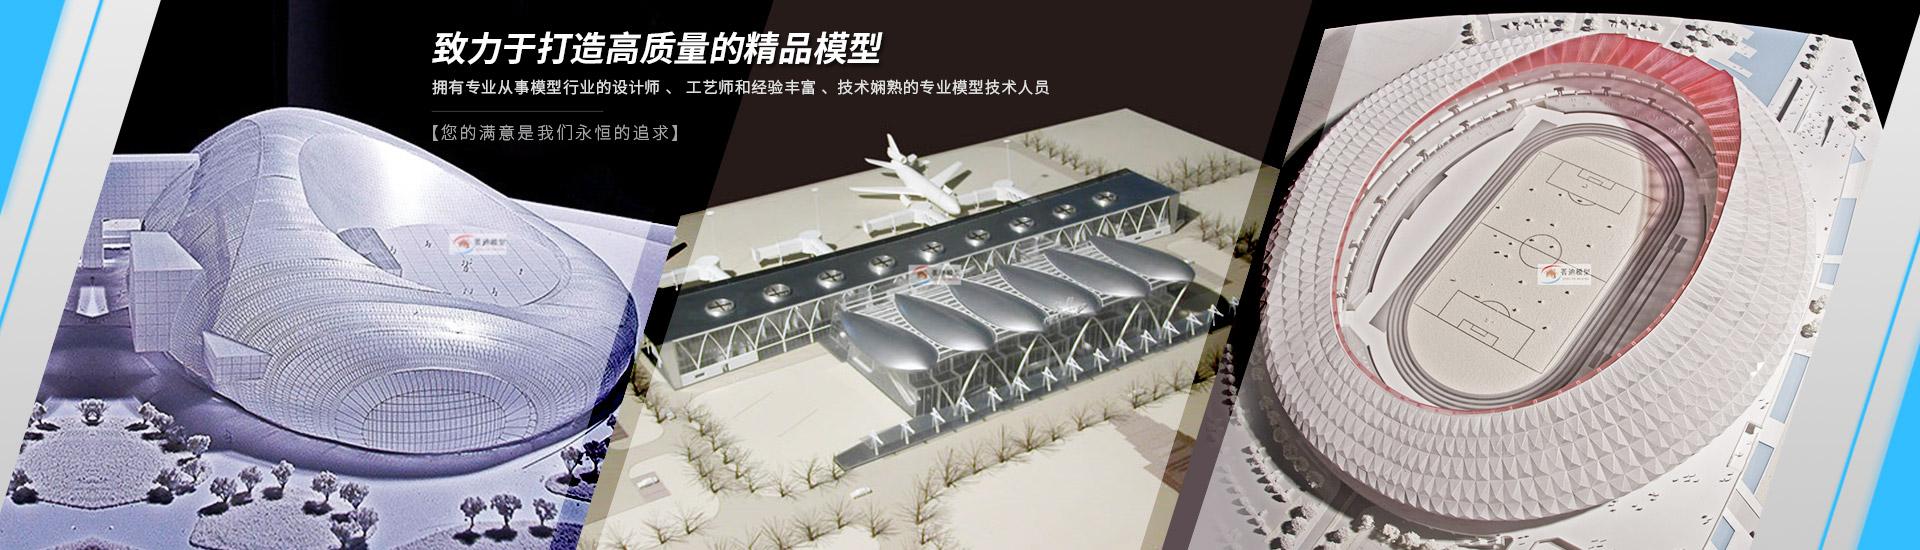 上海菁迪建筑模型设计有限公司